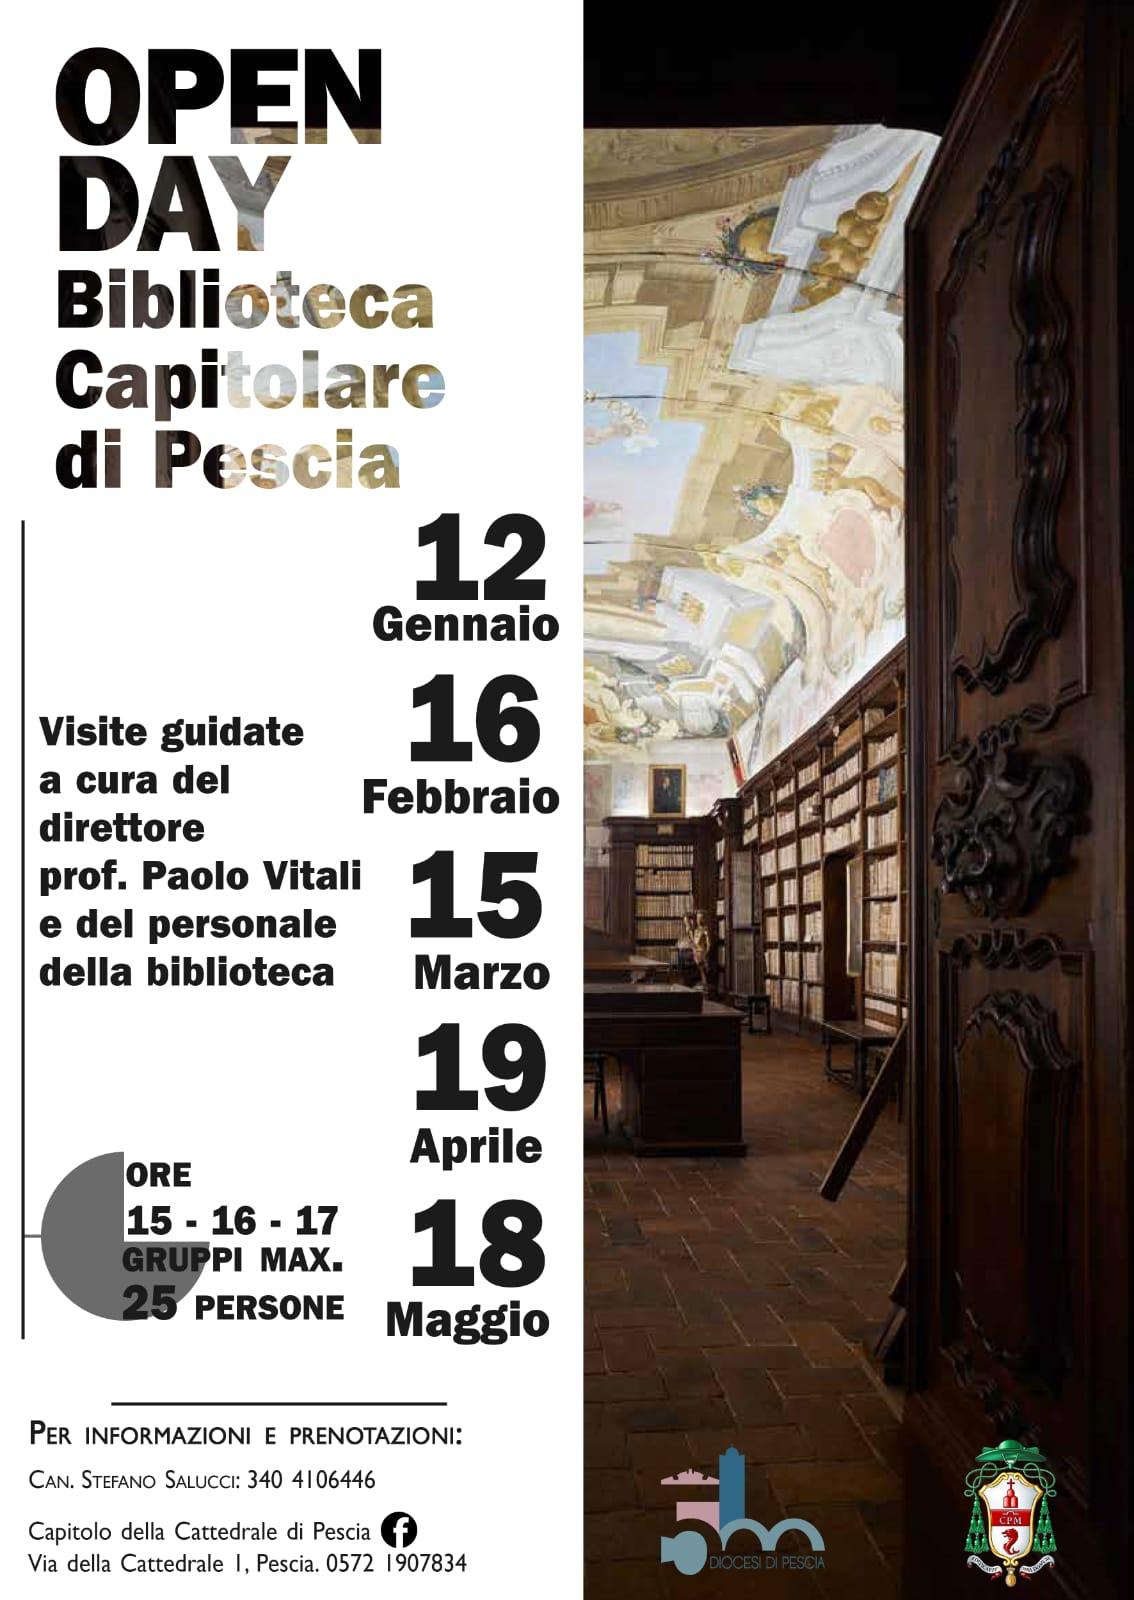 OPEN DAY CAPITOLO CATTEDRALE PESCIA